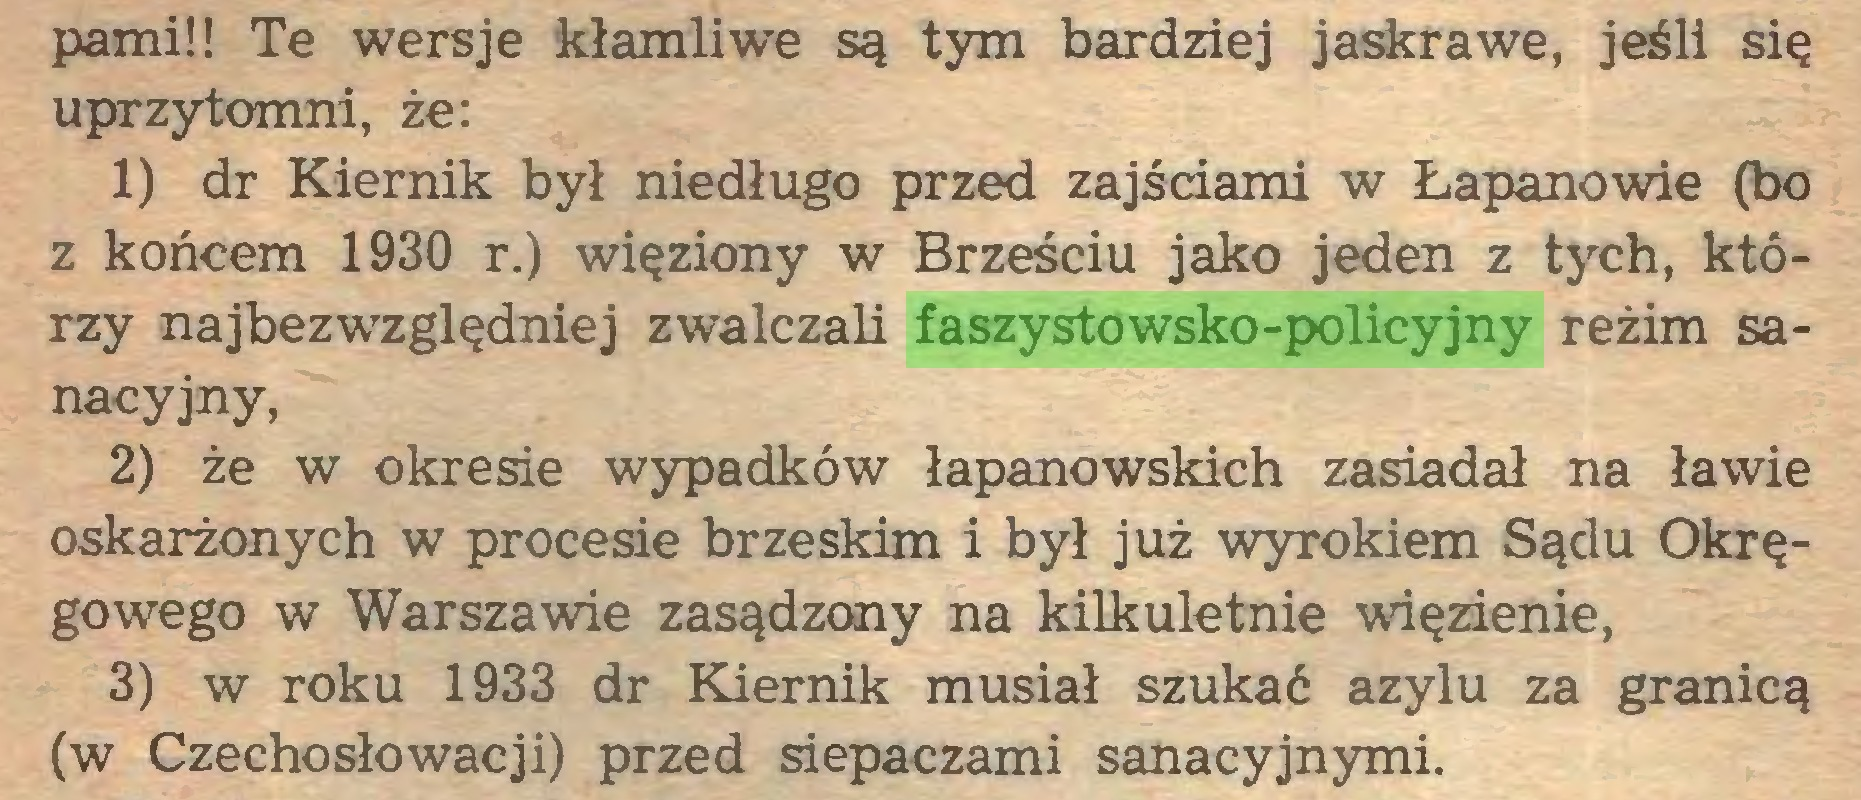 (...) pami!! Te wersje kłamliwe są tym bardziej jaskrawe, jeśli się uprzytomni, że: 1) dr Kiernik był niedługo przed zajściami w Łapanowie (bo z końcem 1930 r.) więziony w Brześciu jako jeden z tych, którzy najbezwzględniej zwalczali faszystowsko-policyjny reżim sanacyjny, 2) że w okresie wypadków łapanowskich zasiadał na ławie oskarżonych w procesie brzeskim i był już wyrokiem Sądu Okręgowego w Warszawie zasądzony na kilkuletnie więzienie, 3) w roku 1933 dr Kiernik musiał szukać azylu za granicą (w Czechosłowacji) przed siepaczami sanacyjnymi...